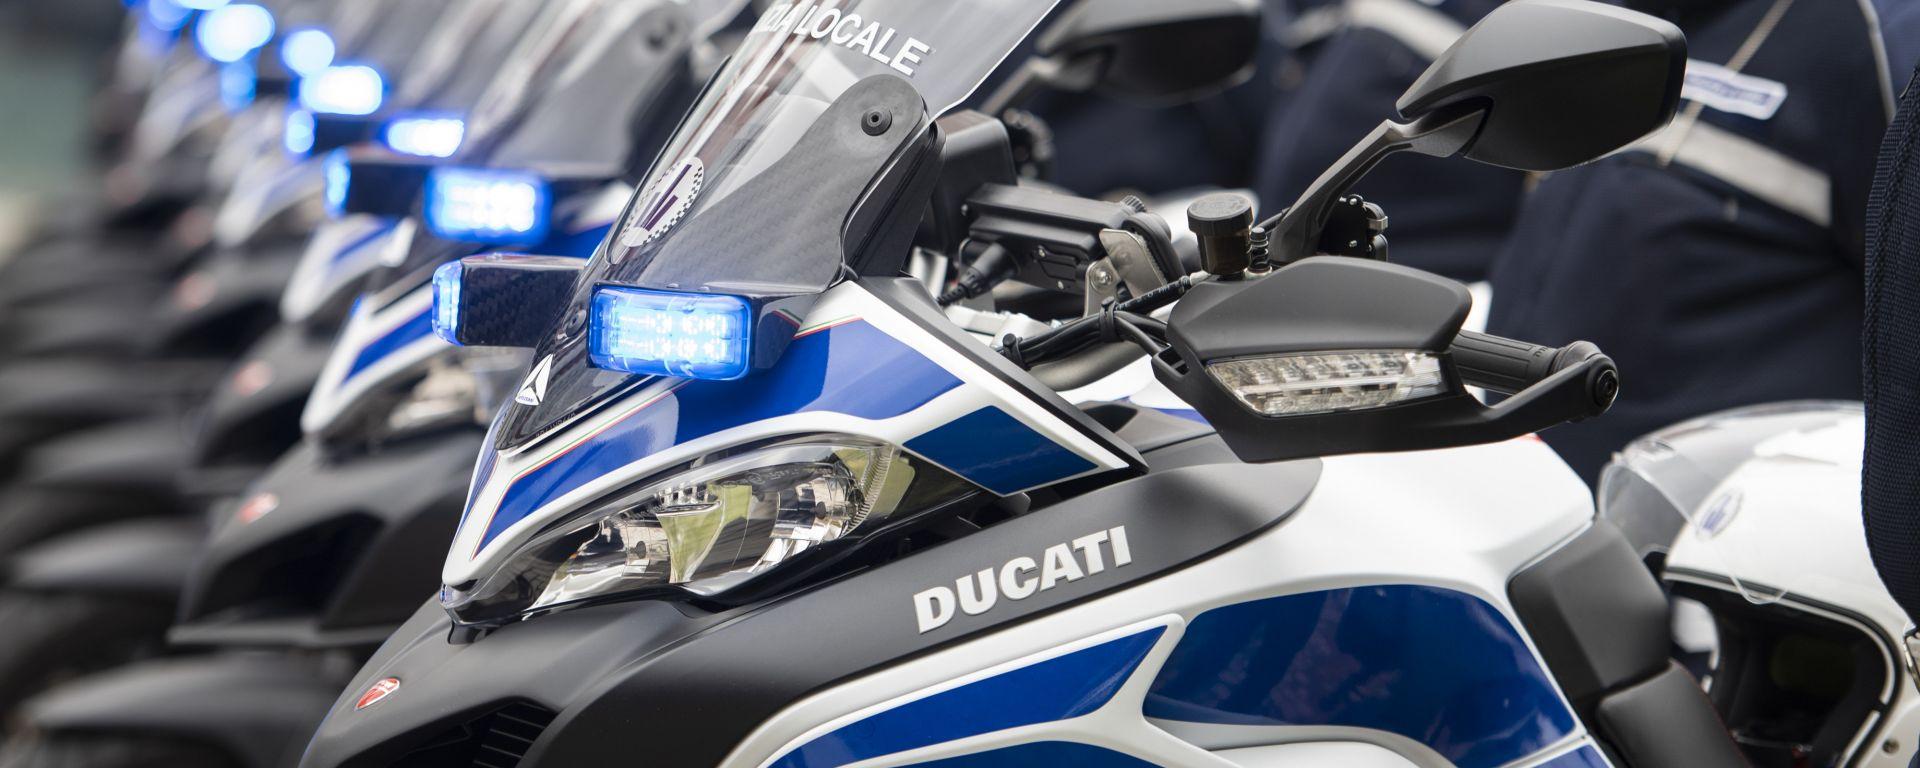 Ducati Multistrada 950 è la moto della Polizia Locale di Bologna